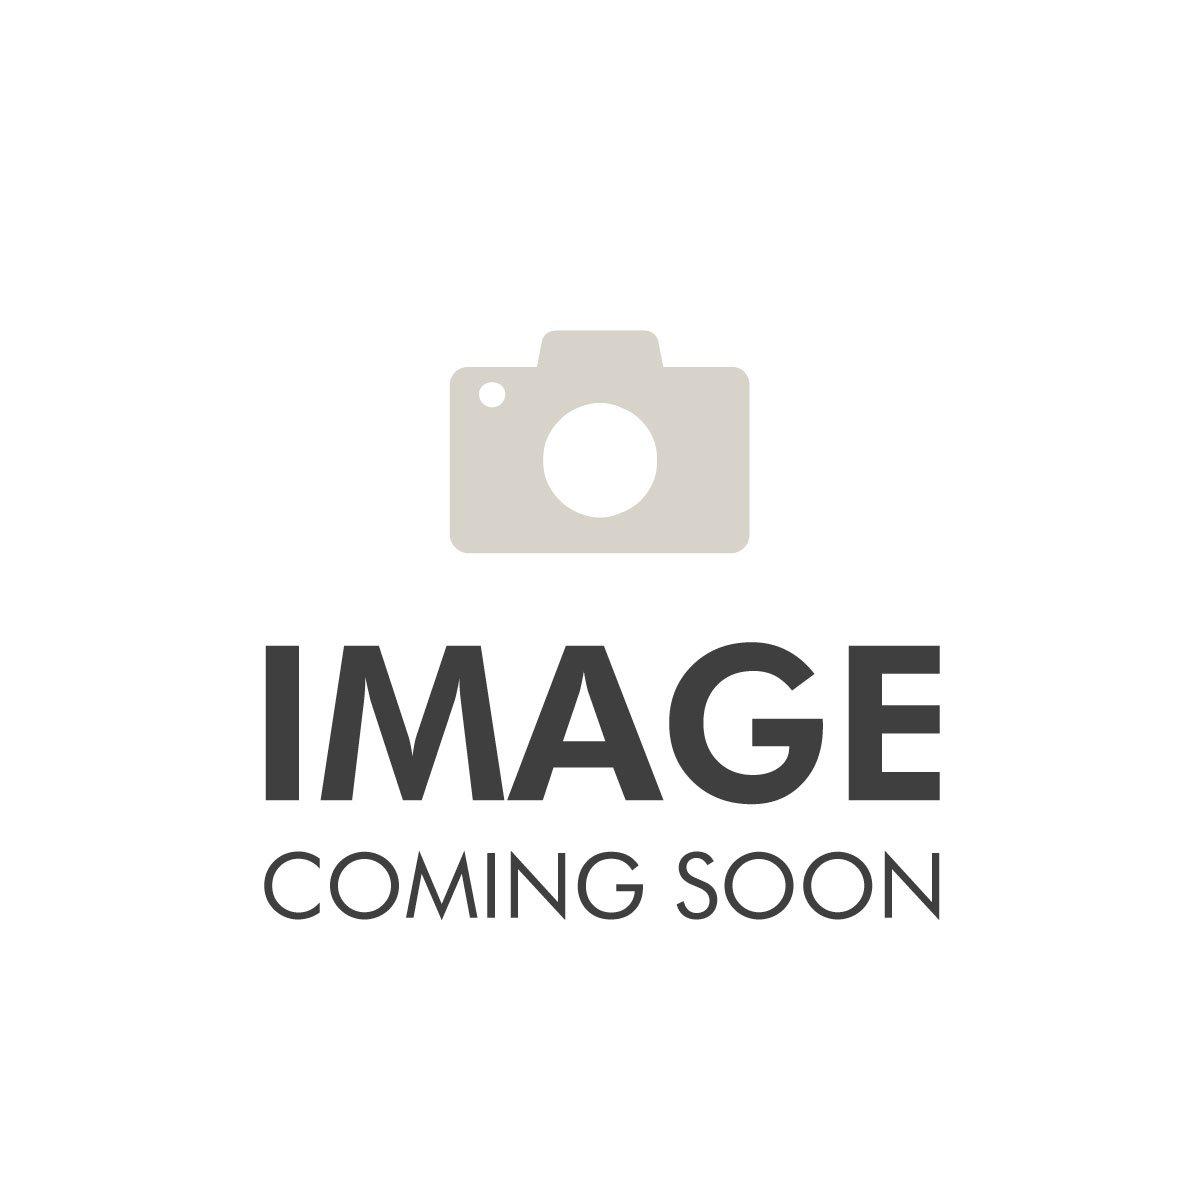 Leon Paul - Masque fleuret Horizon 350N - Contour-Fit